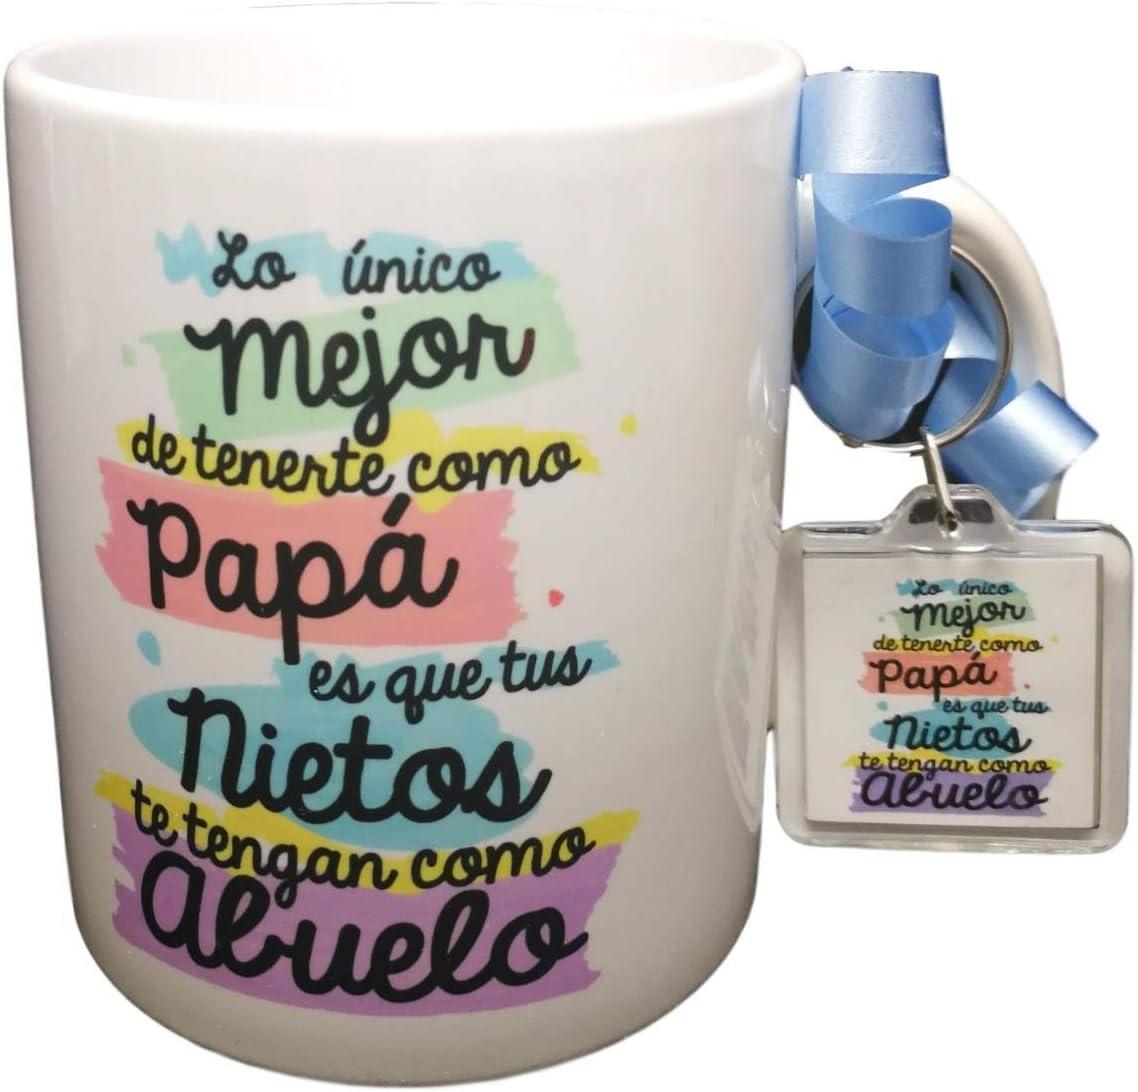 Taza + Llavero DE Regalo con Frase para Abuelo LO Unico Mejor DE TENERTE como Papa ES Que Tus Nietos TE TENGAN como Abuelo Regalo Abuelo. Regalo Dia del Padre Incluye Llavero